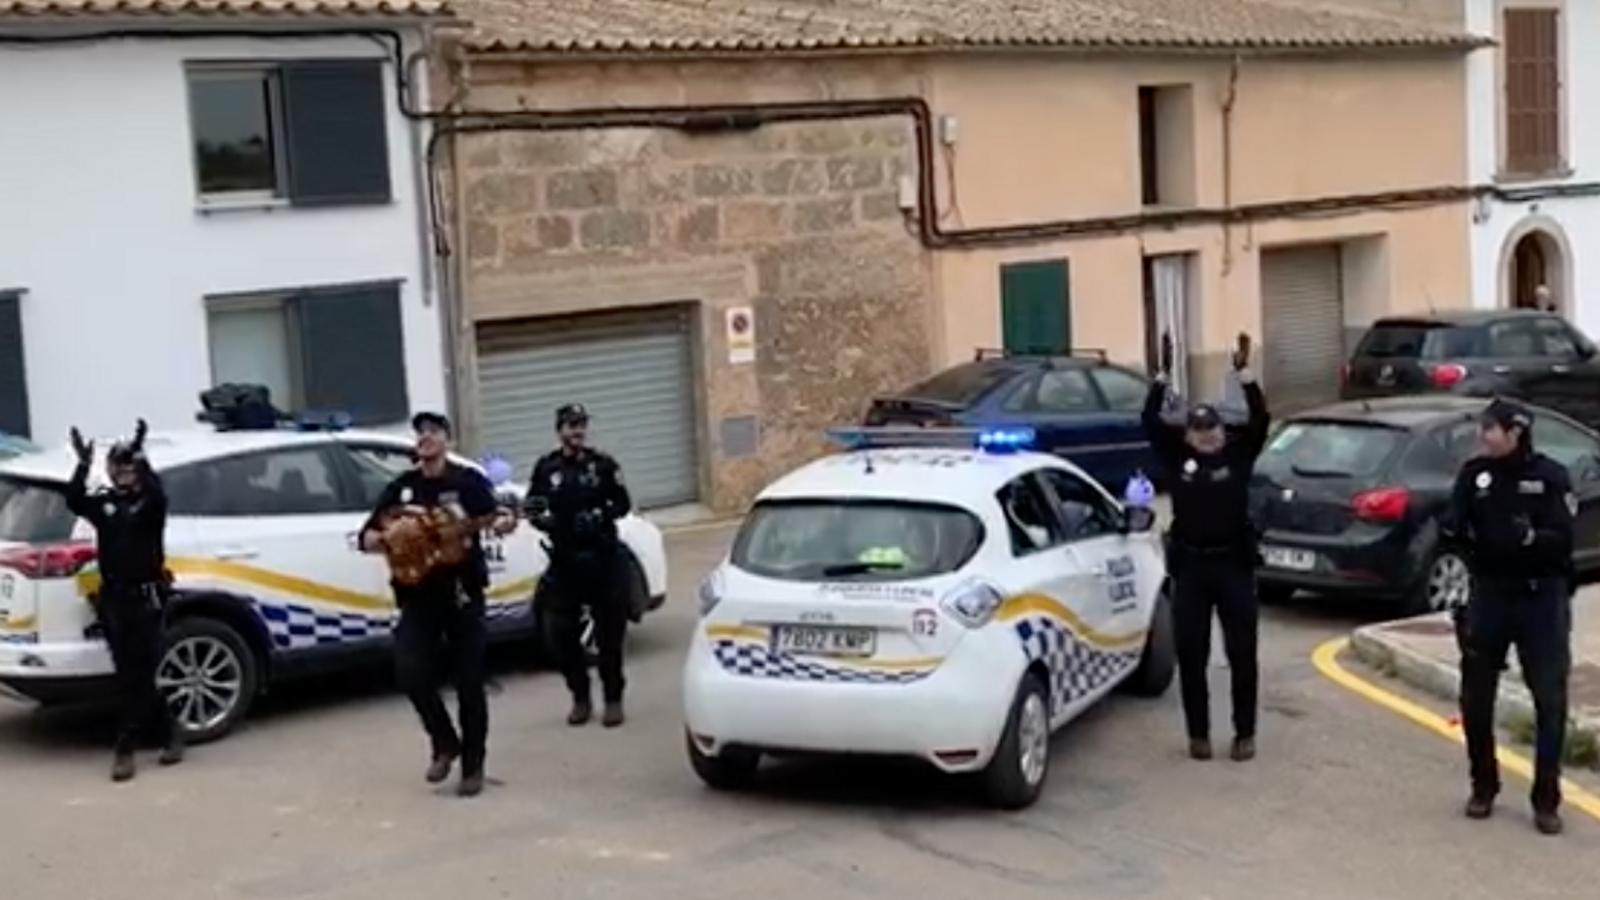 La Policia Local d'Algaida alegra el confinament cantant el 'Joan petit'